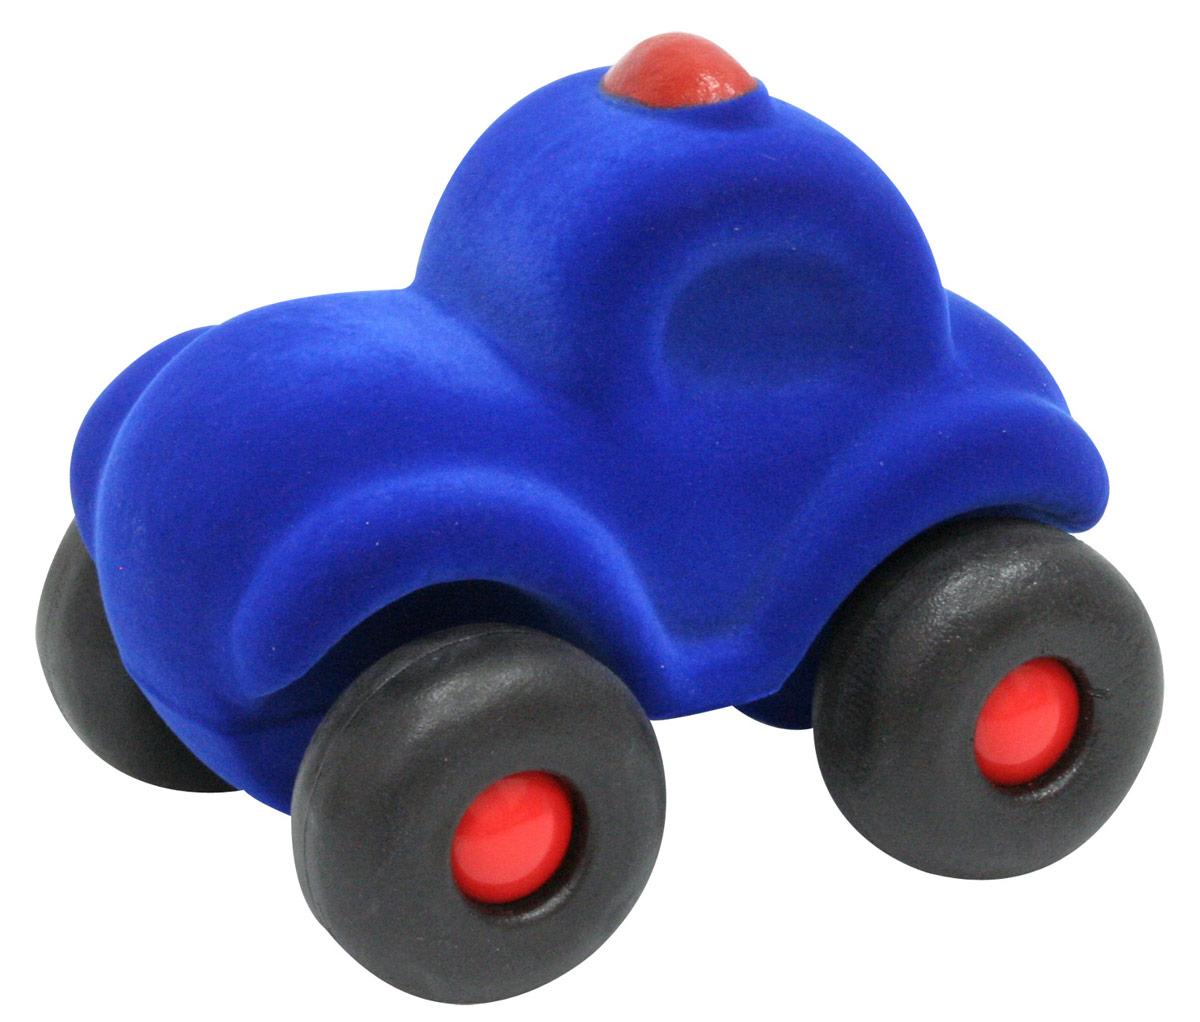 Rubbabu Машинка Полиция20003Полицейская машинка Rubbabu понравится любому мальчику. Это упругая и в то же время мягкая бархатистая игрушка. Колеса свободно крутятся. Машинка изготовлена из качественных и безопасных материалов. Игрушка способствует развитию зрительного и тактильного восприятия у ребенка. Игрушки Rubbabu должны быть у каждого ребенка.